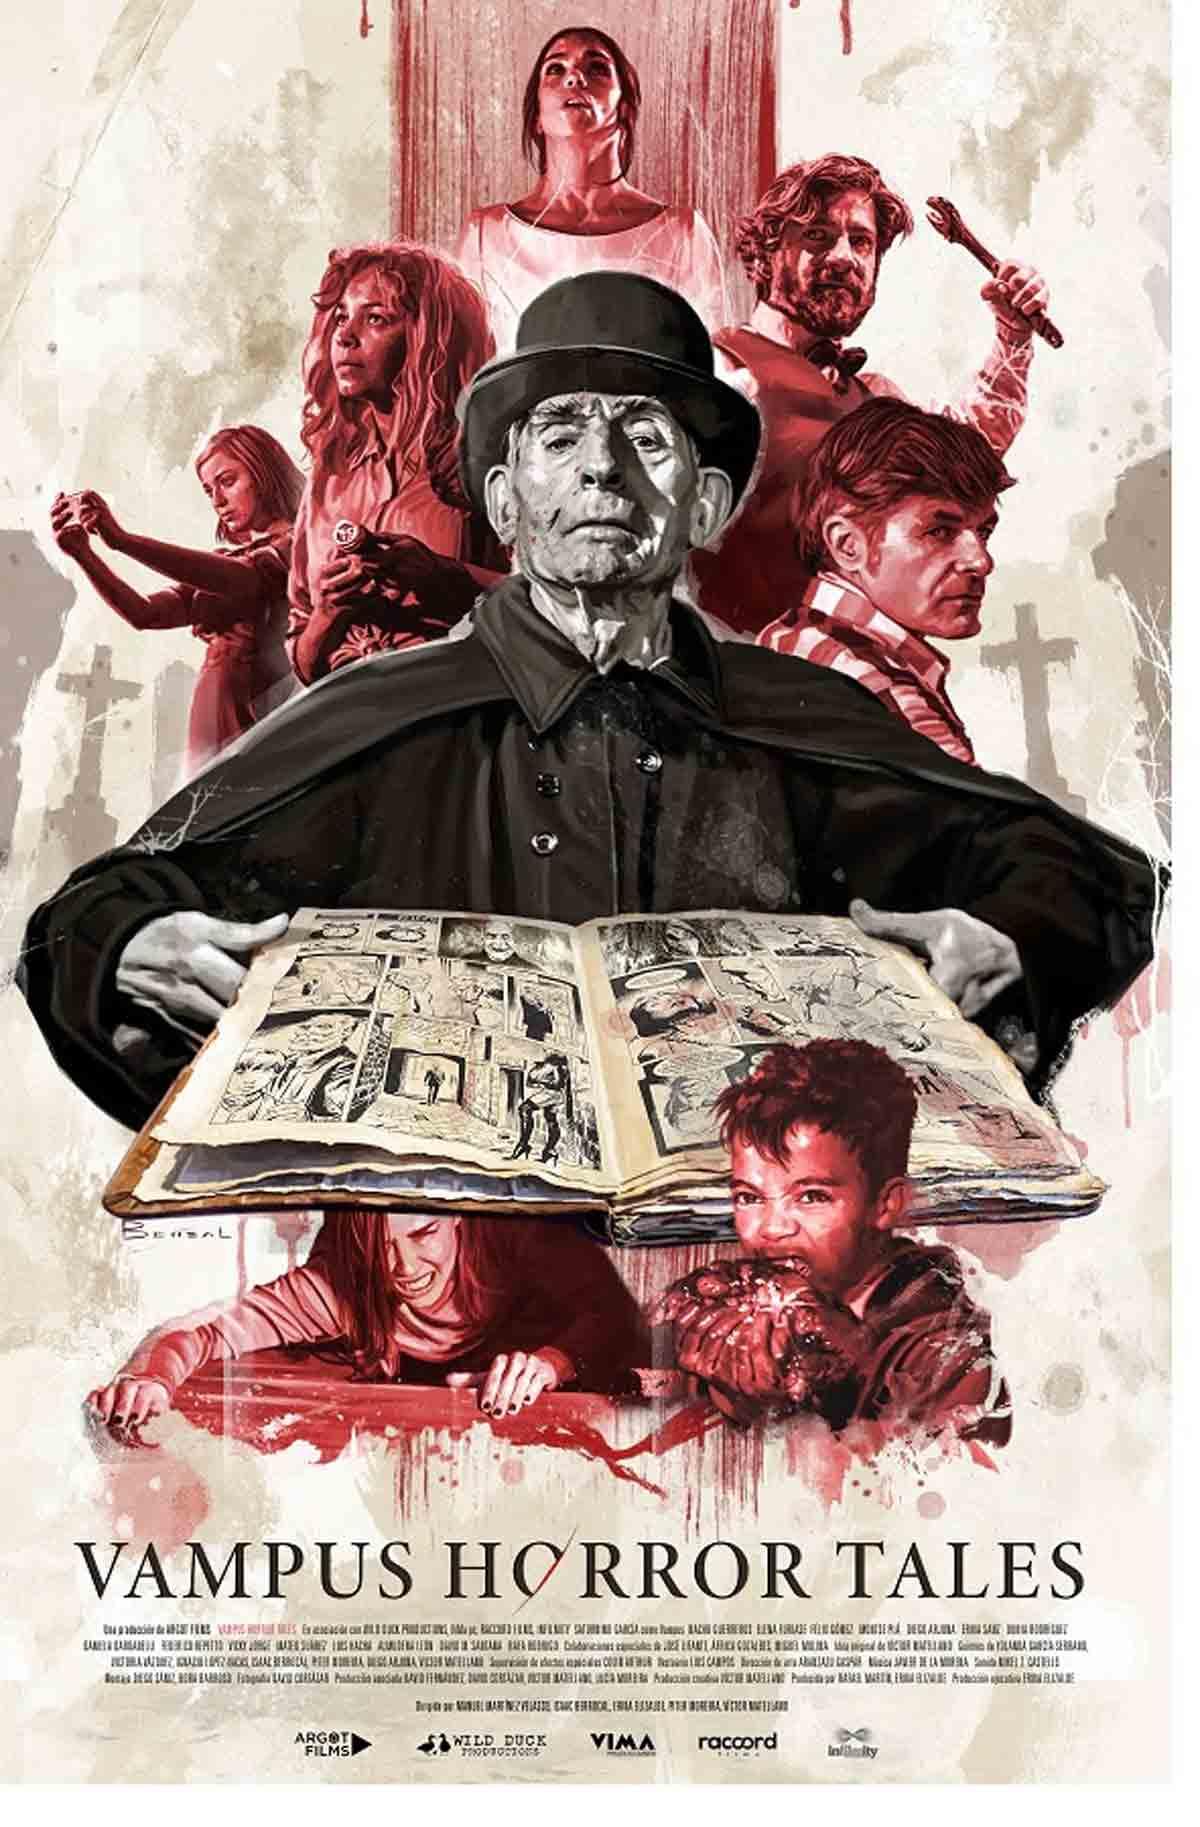 Vampus horror tales poster de David Benzal